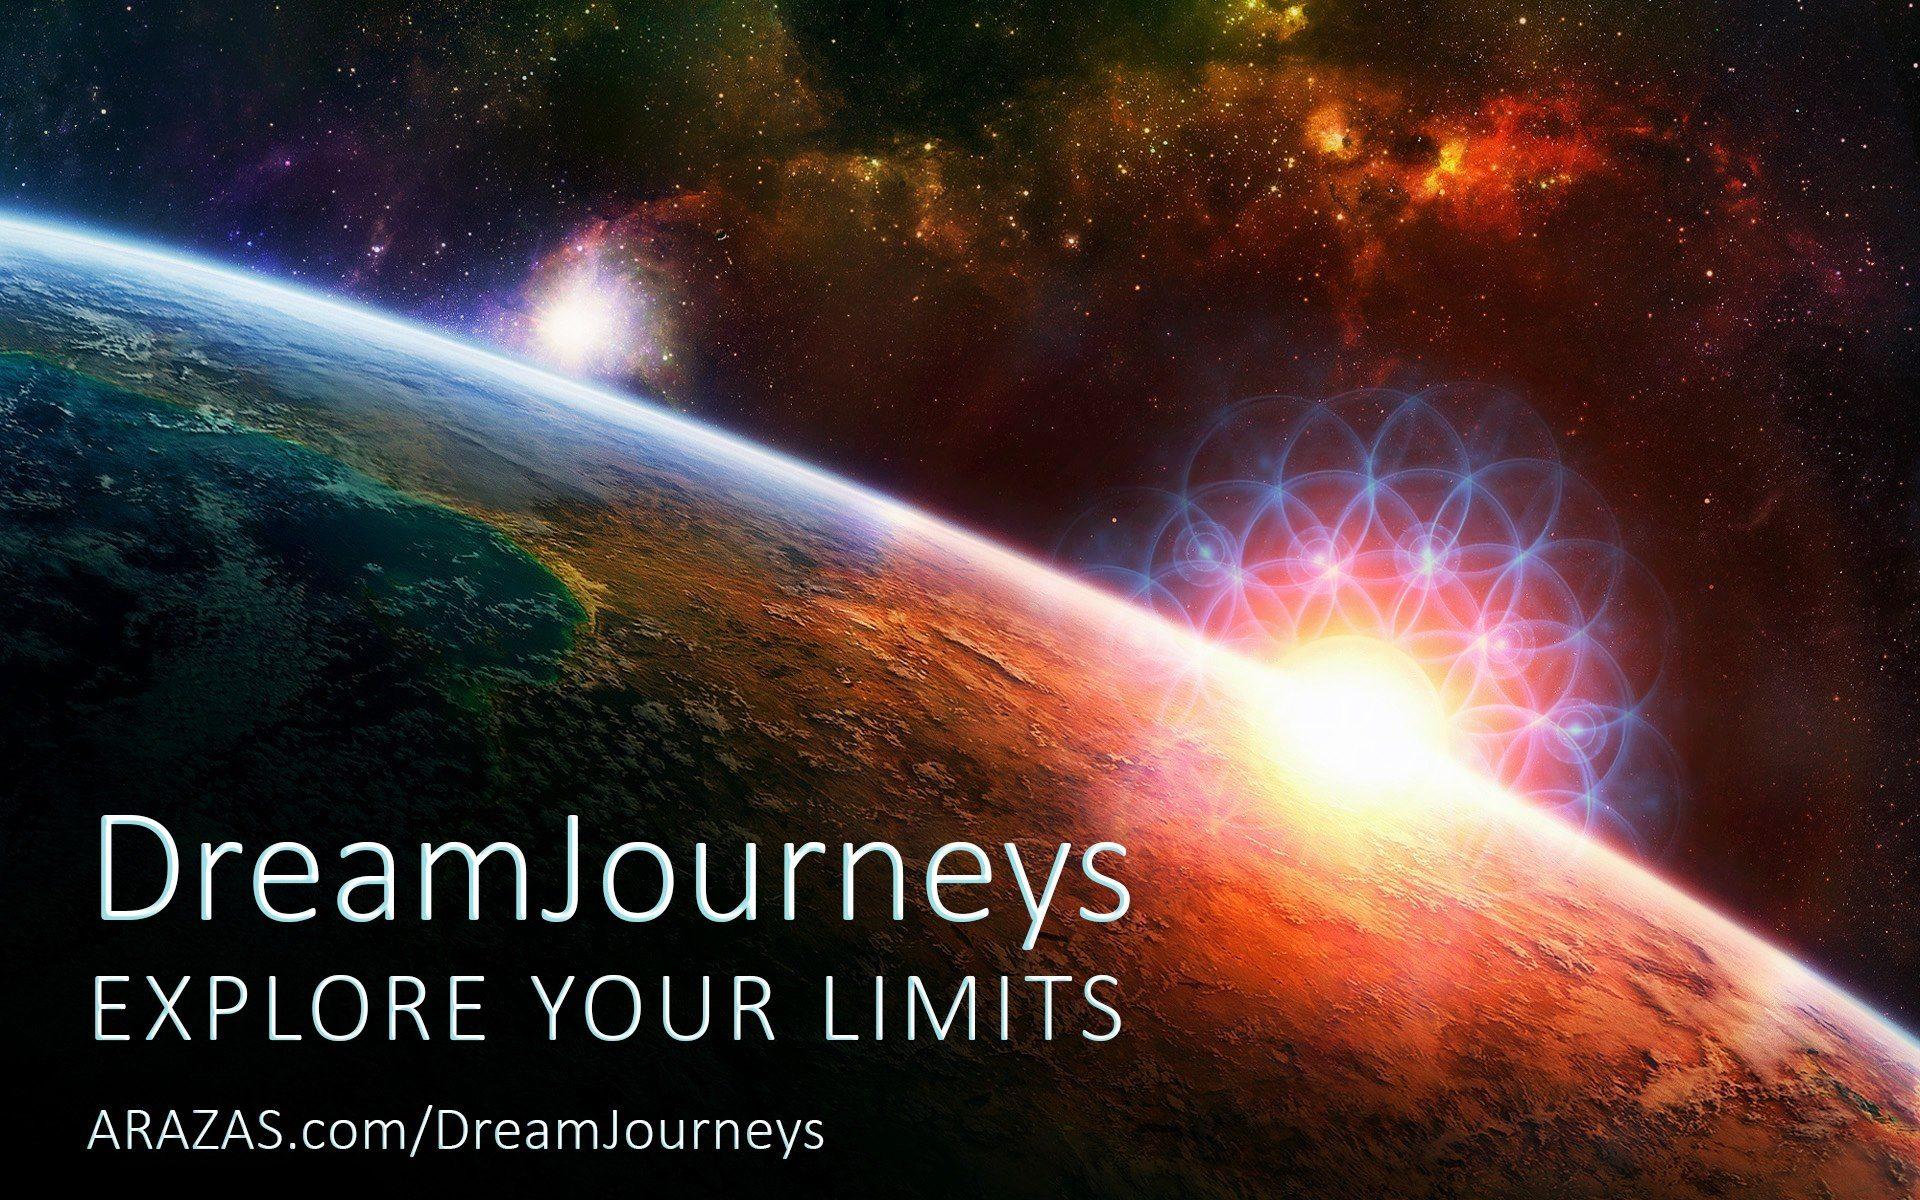 dreamjourneys.jpg